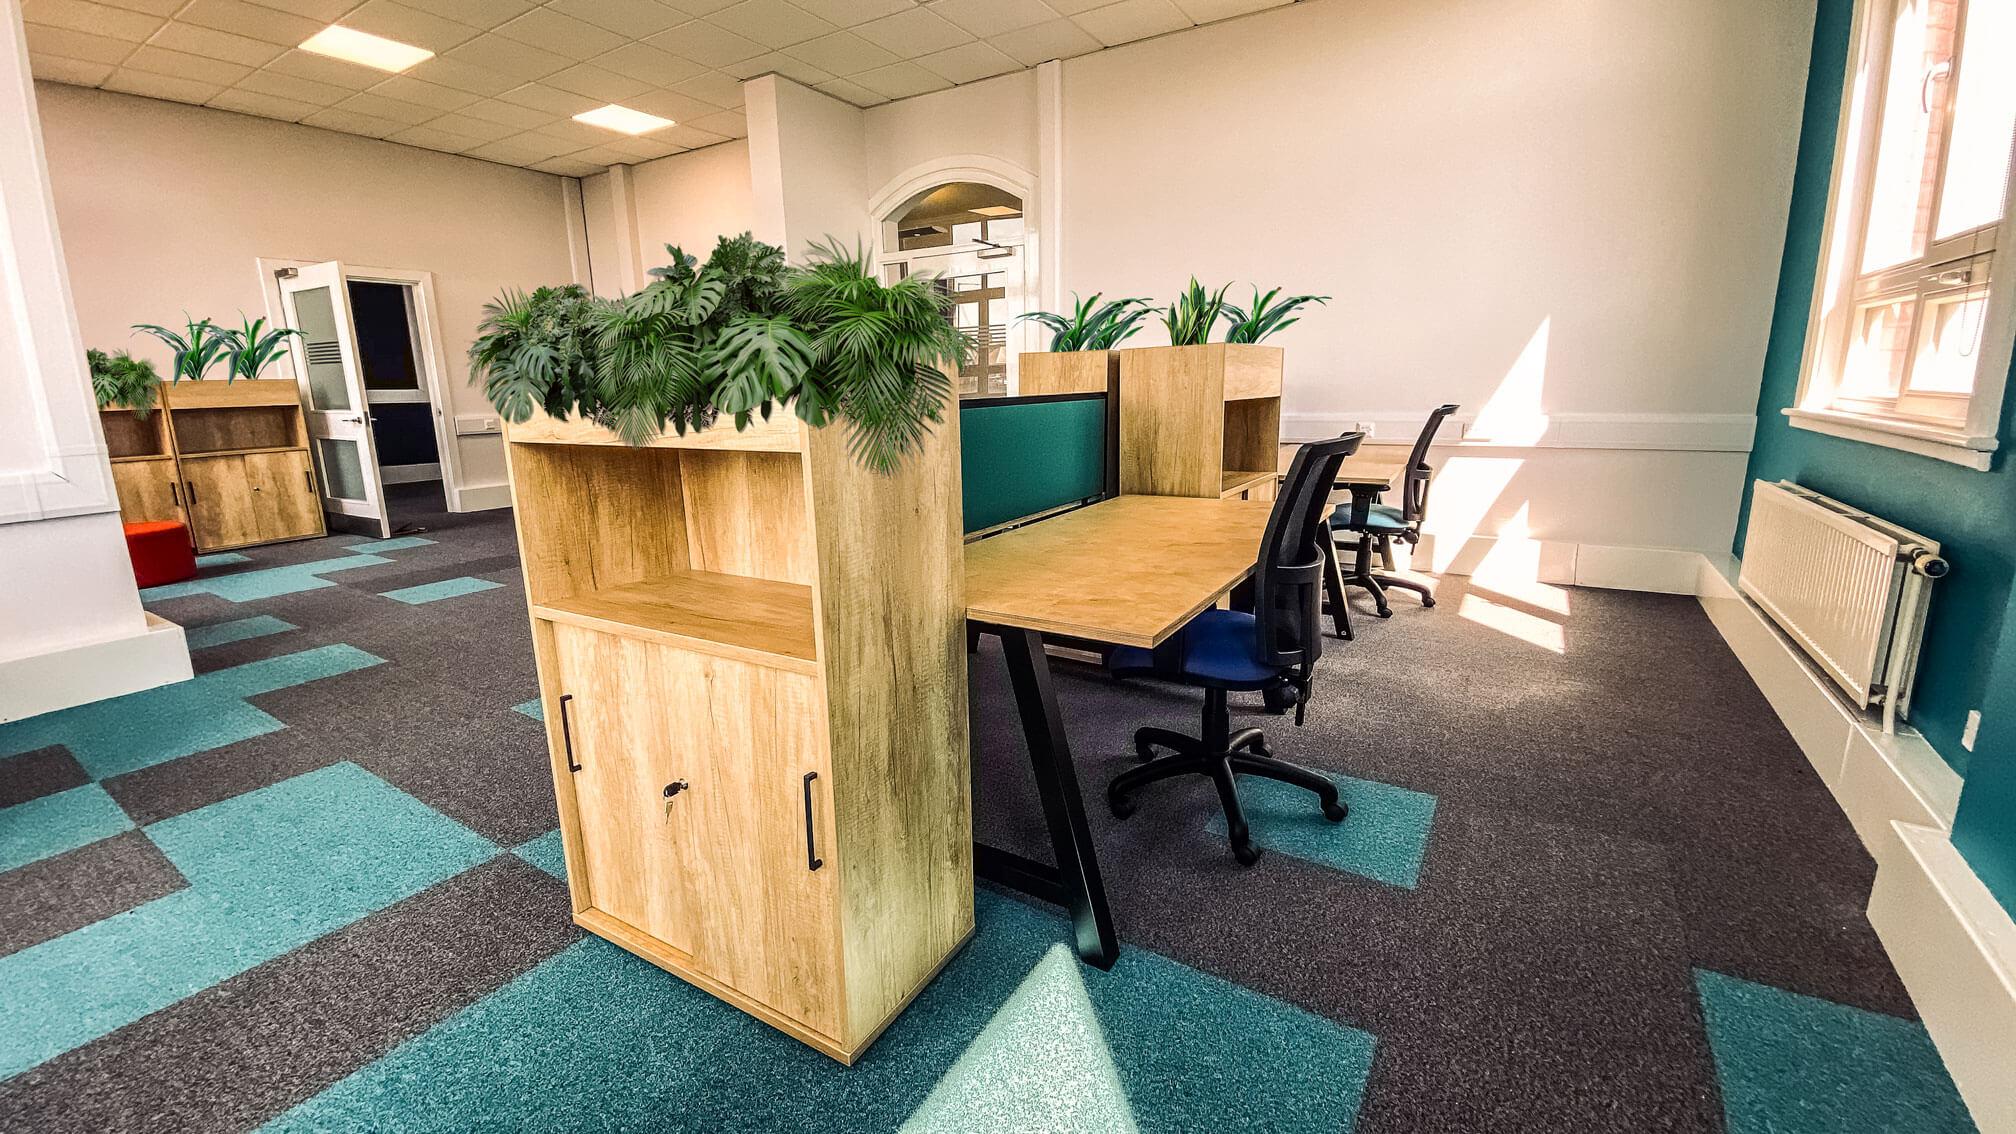 Catapult-Office-Refurbishment-2